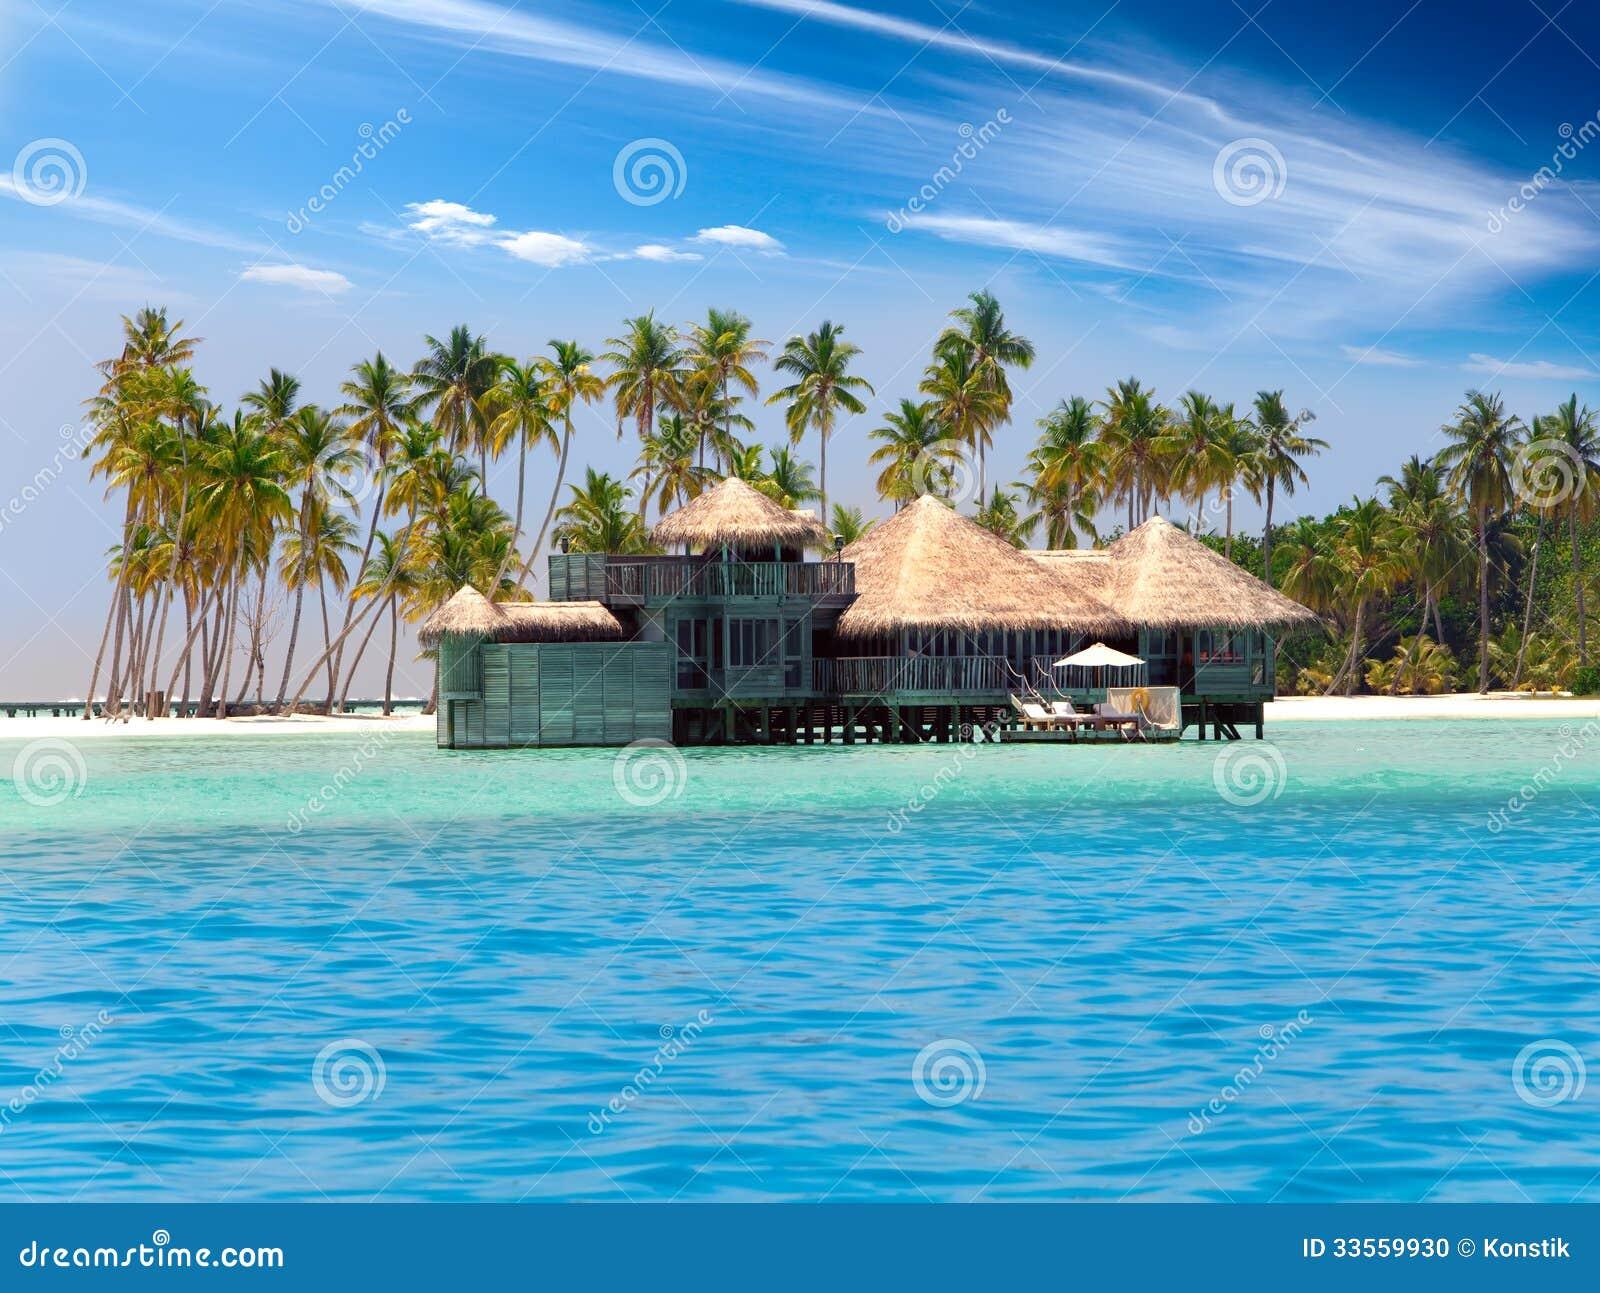 La Casa De Madera Contra Las Palmeras En La Isla Tropical Foto de ...